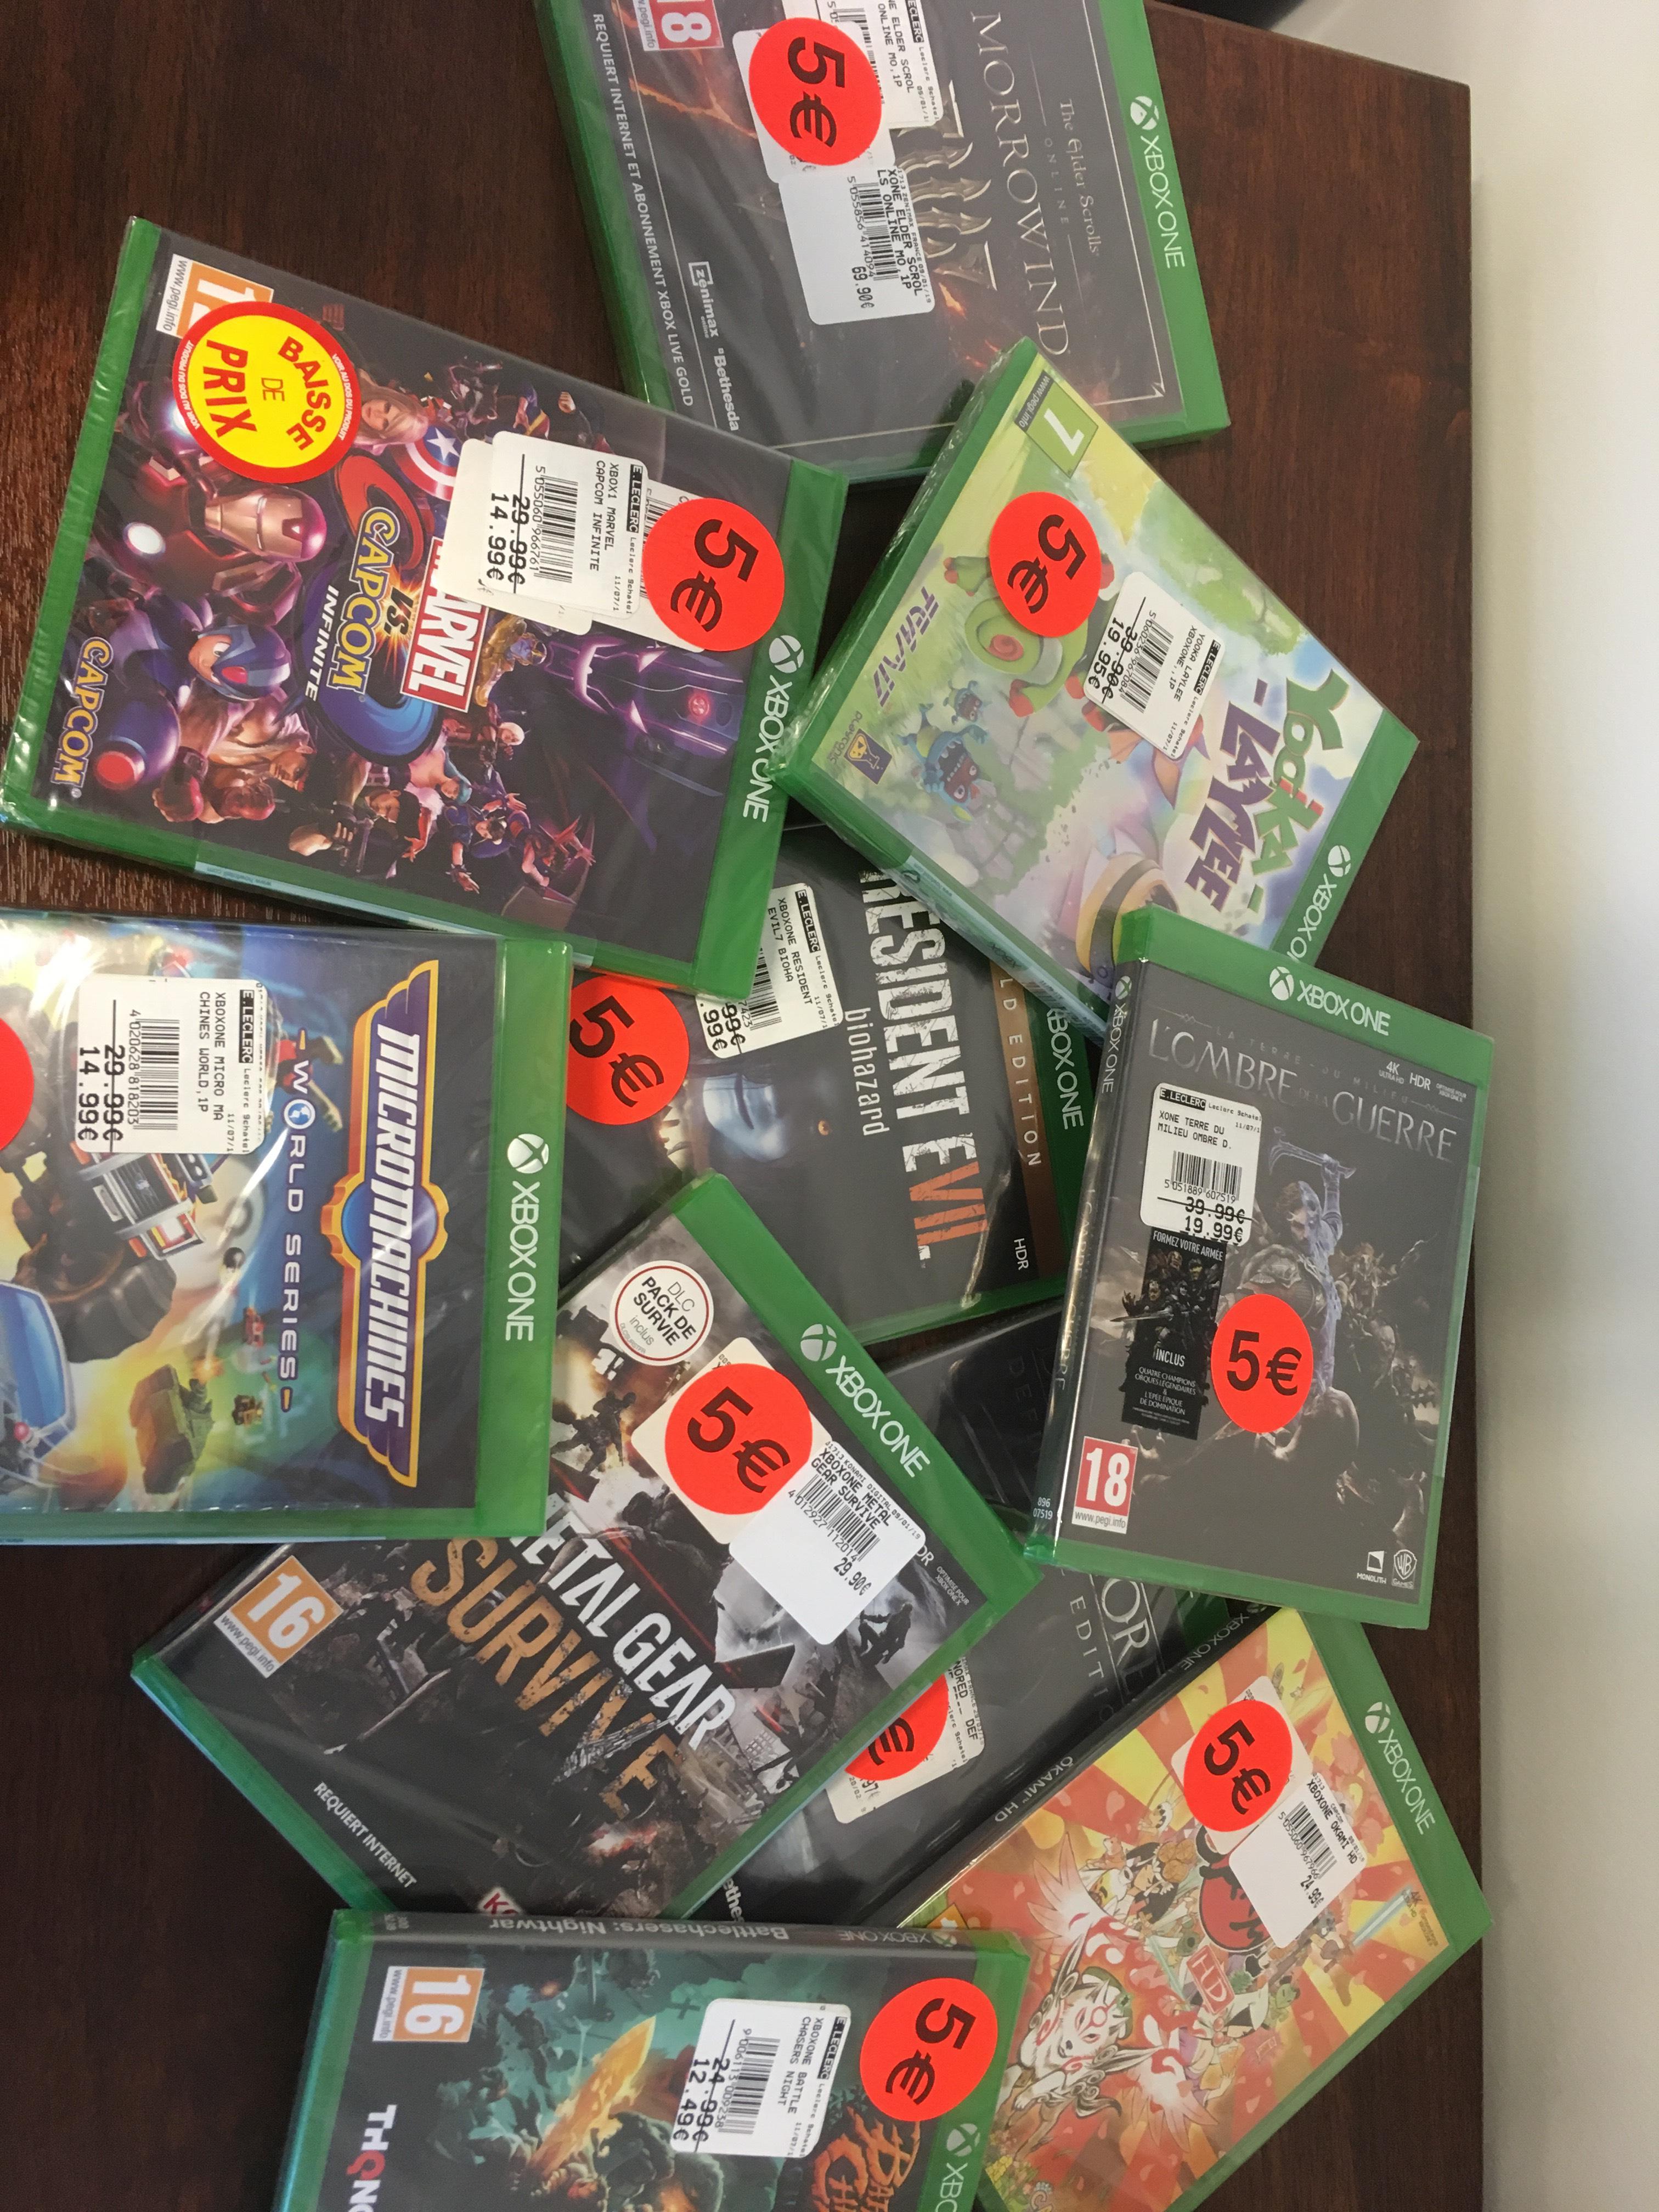 Sélection de jeux Xbox one à 5€ - Neufchâtel-en-Bray (76)